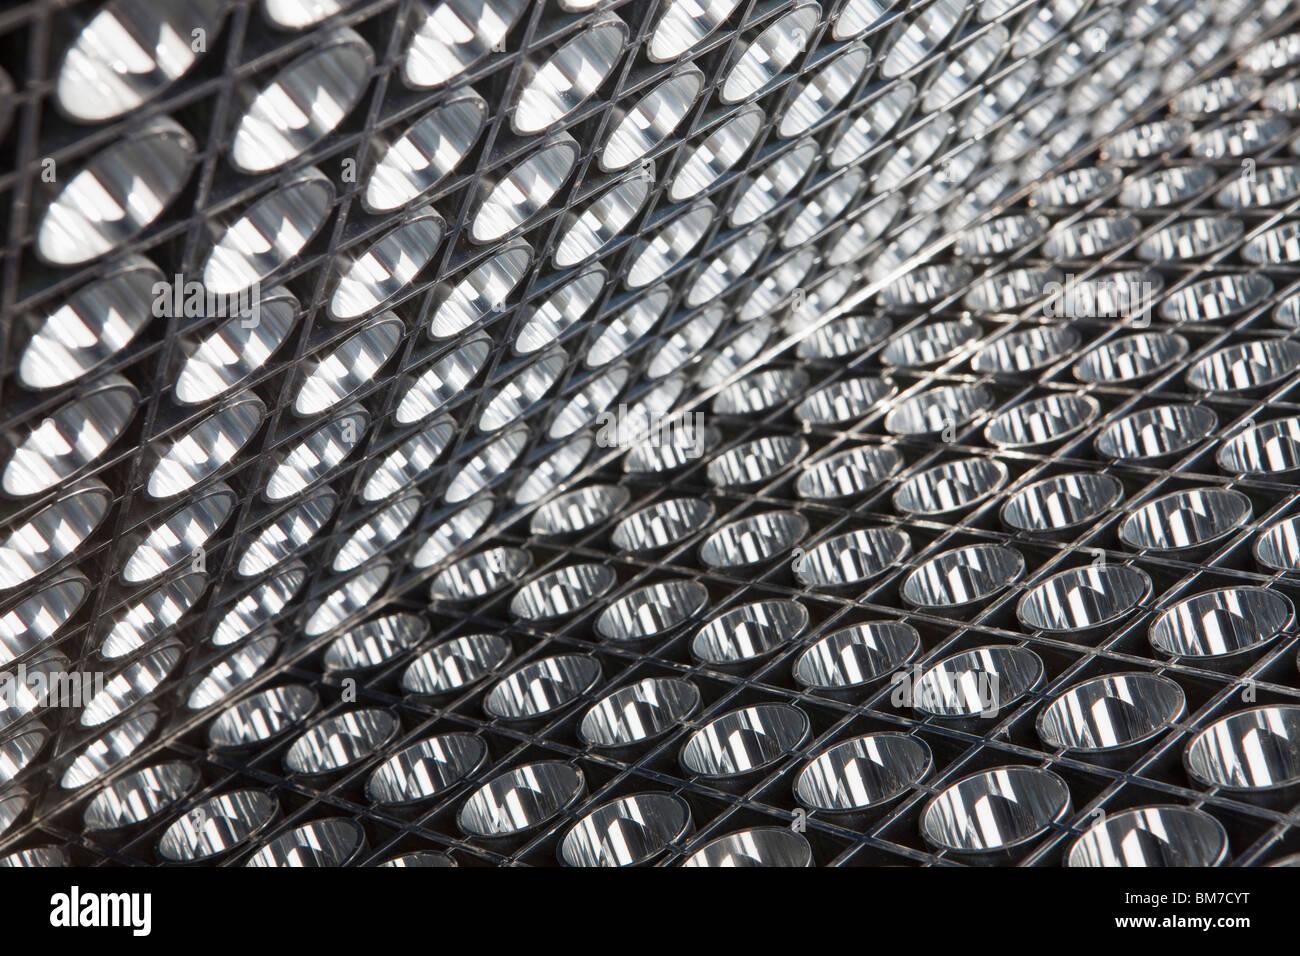 Detail eines Panels von reflektierenden Lichter Stockbild